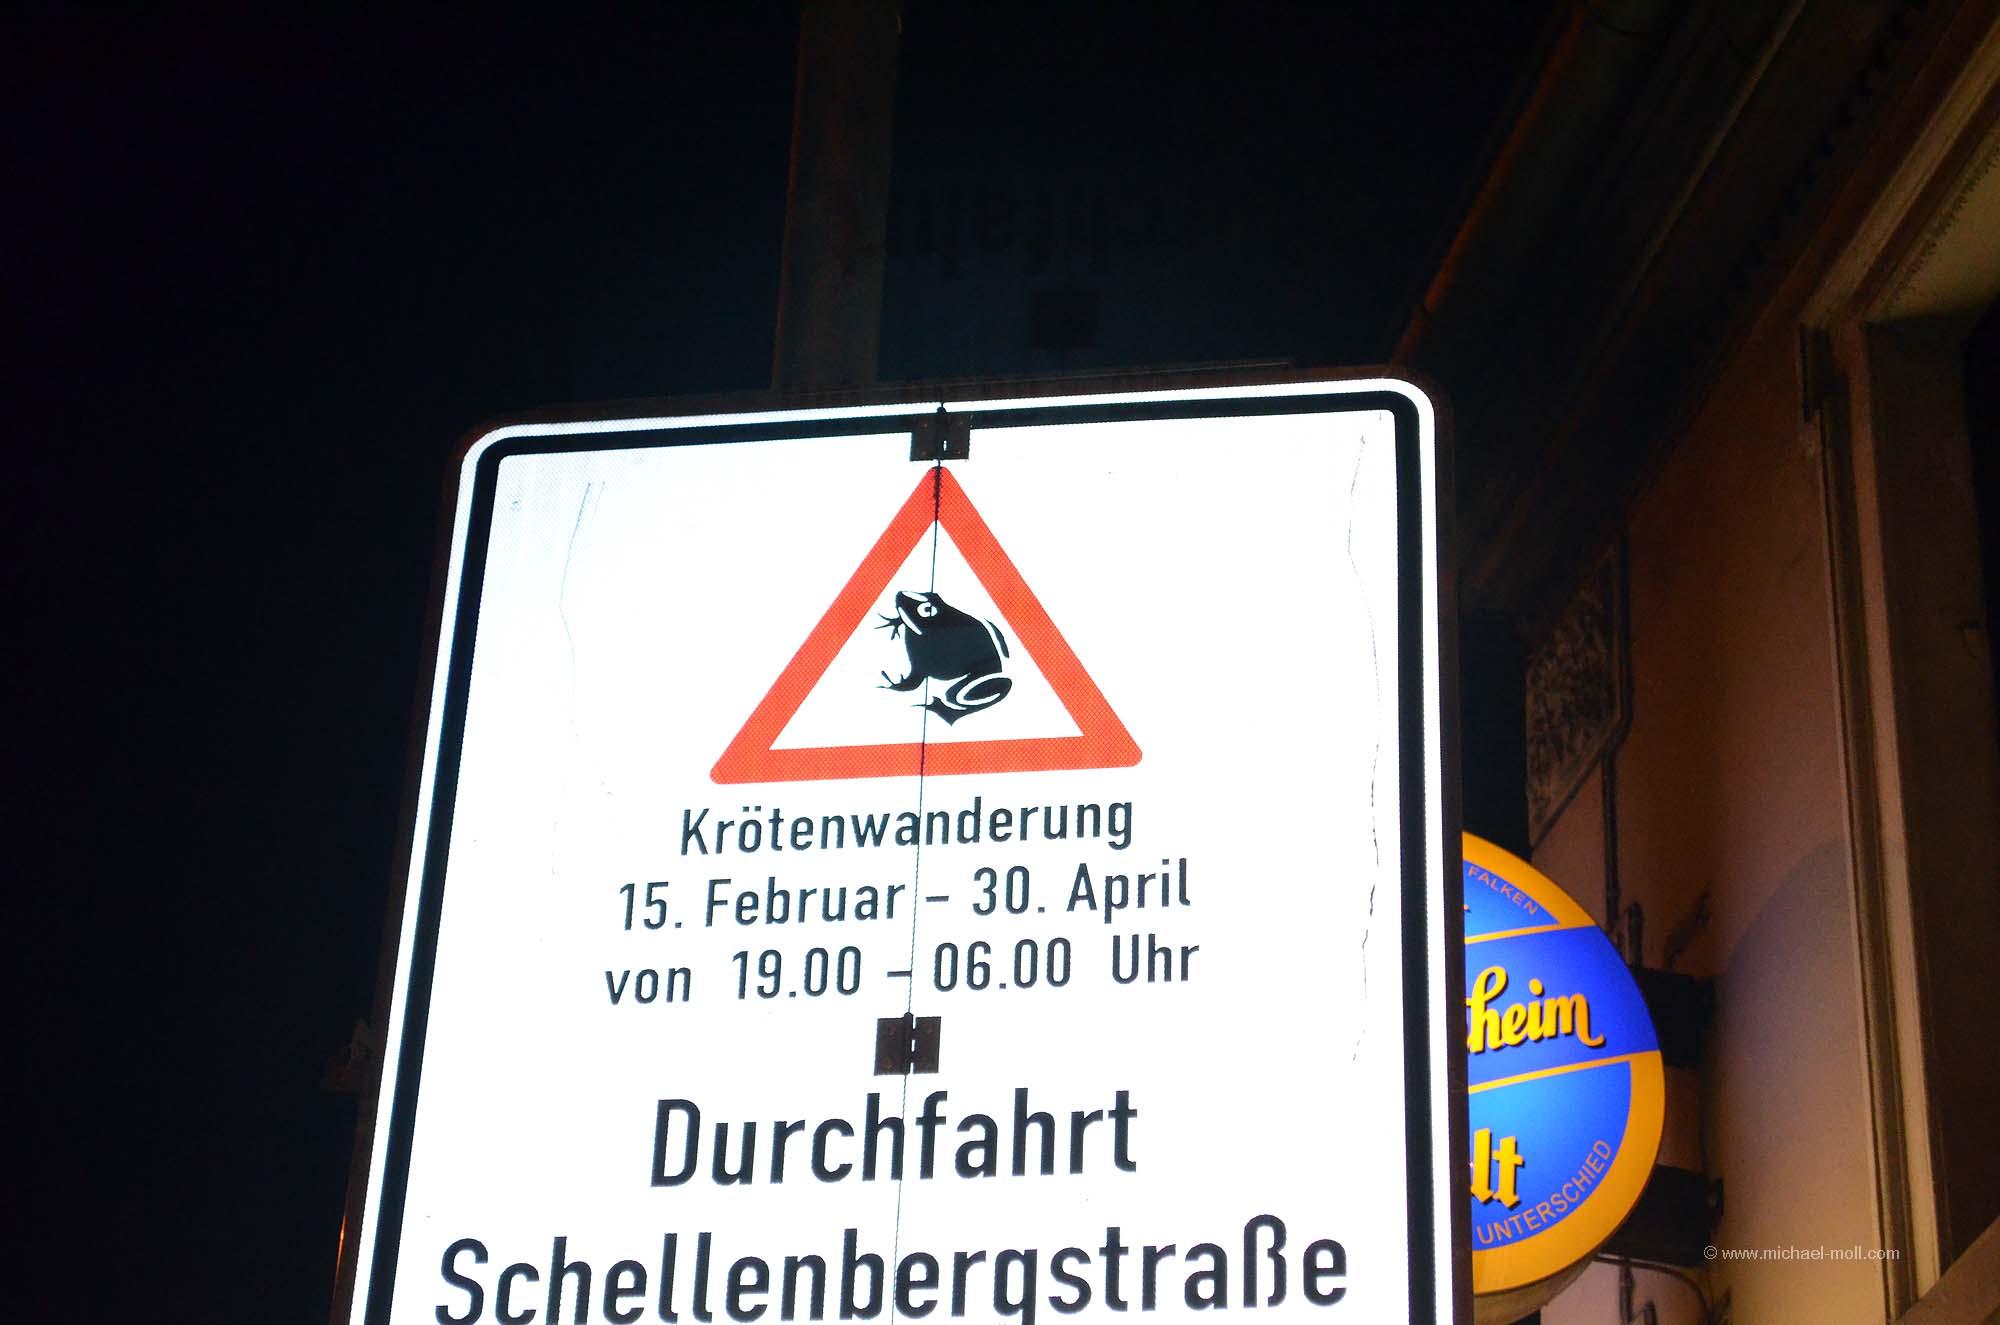 Krötenwanderung in Essen